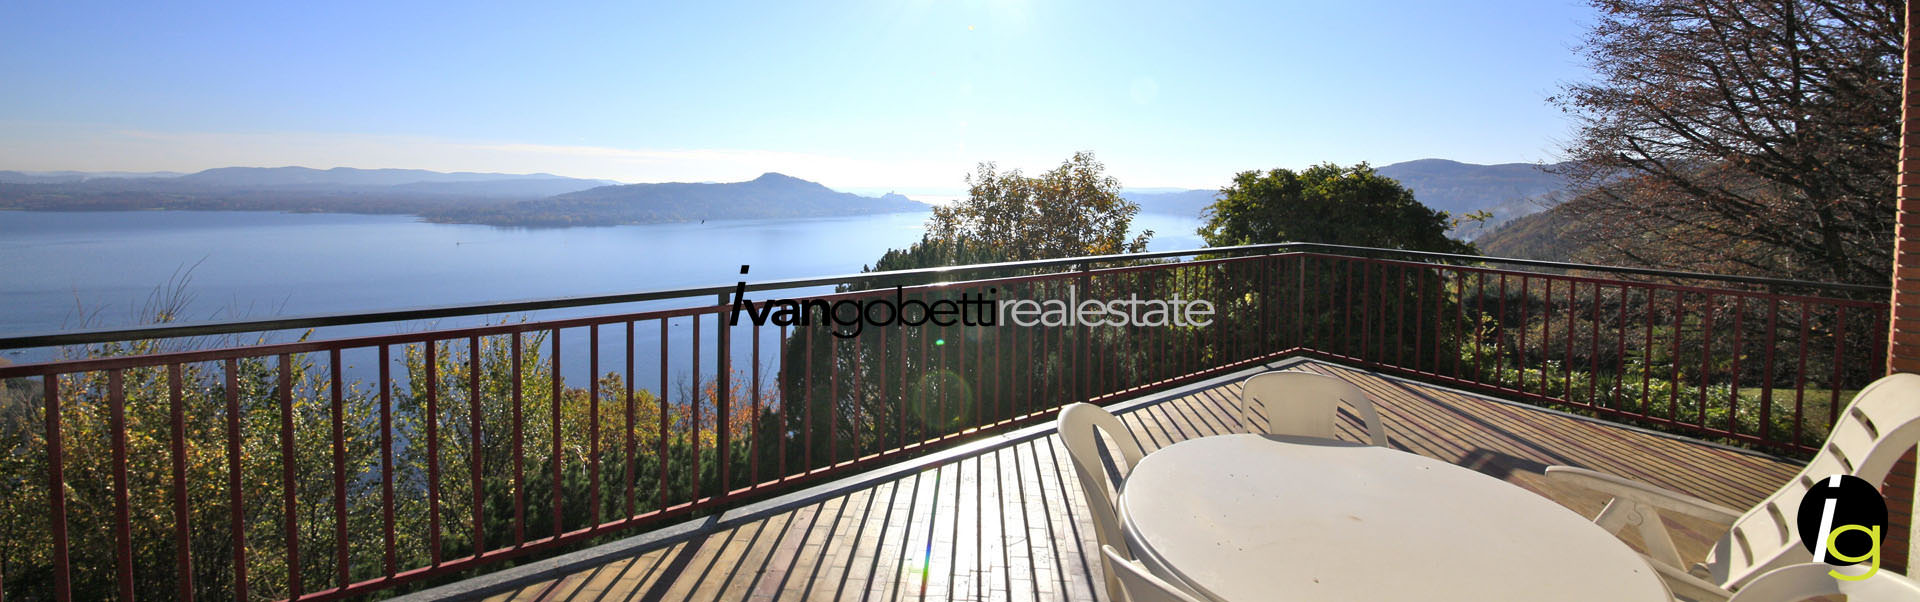 Lago Maggiore, Lesa, Italia vendesi Villa signorile con vista lago